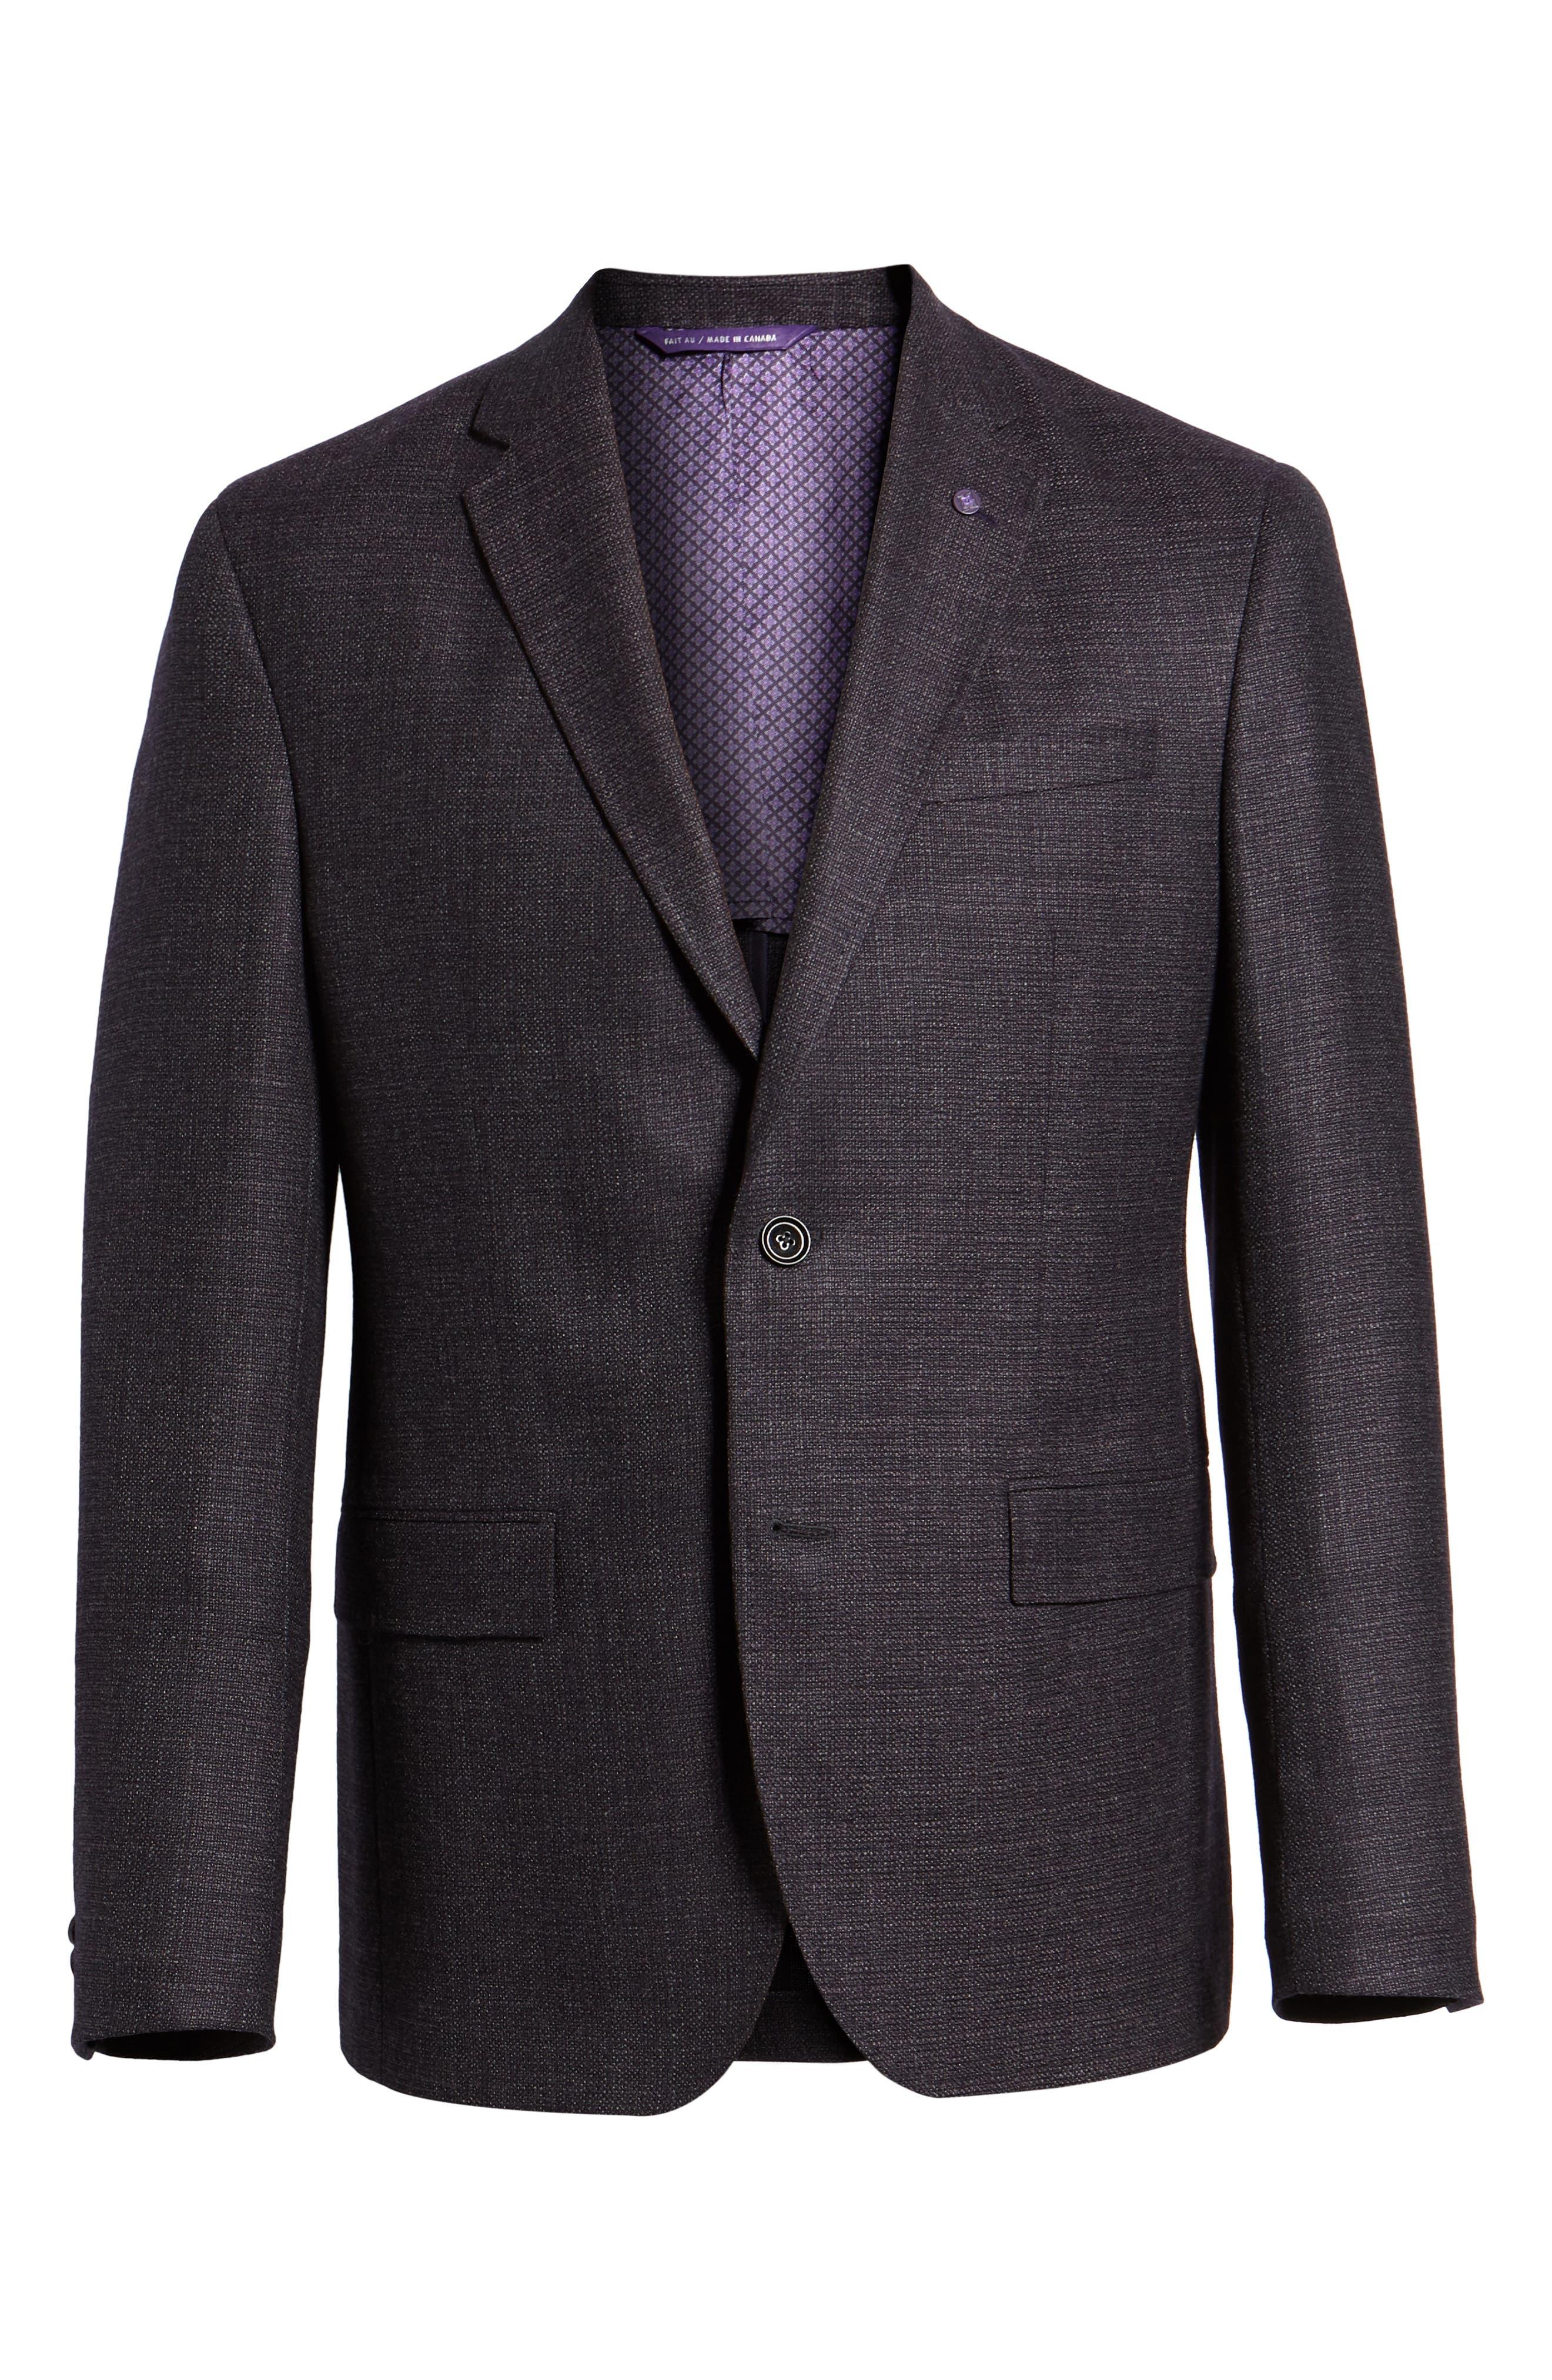 Konan 2B Trim Fit Wool Blazer,                             Alternate thumbnail 5, color,                             PLUM